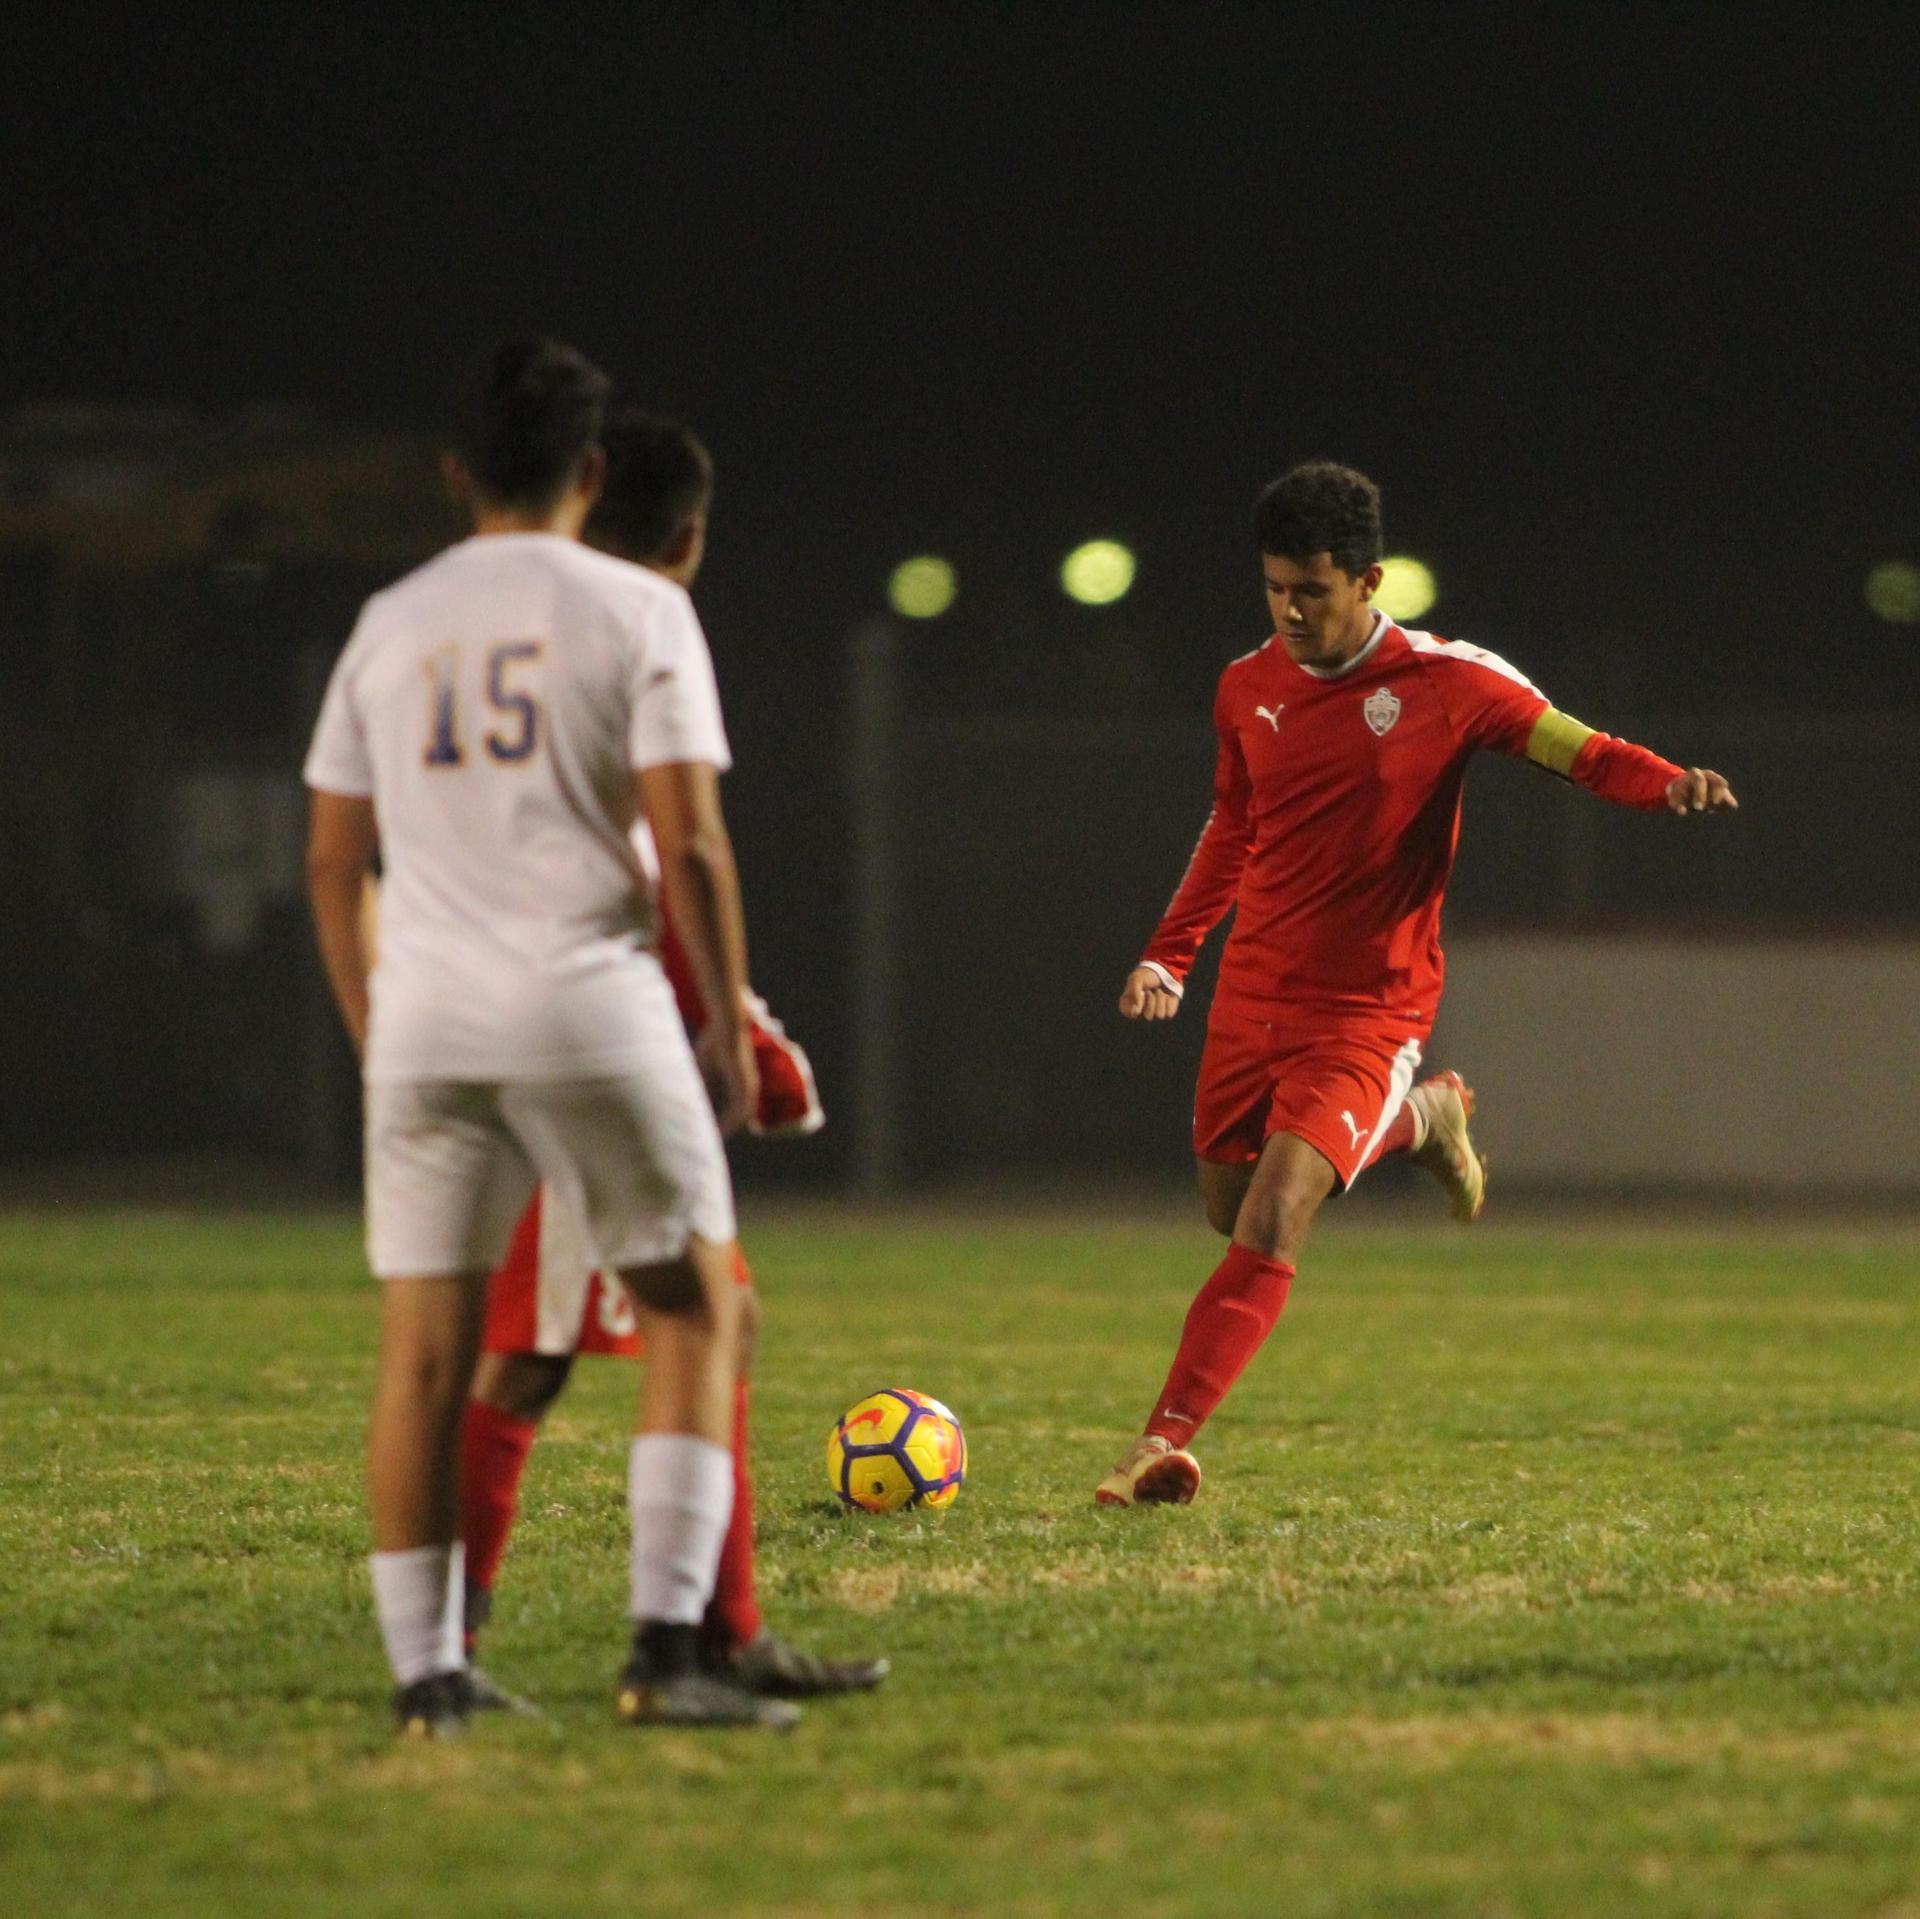 Antonio Ochoa Kicking the Ball